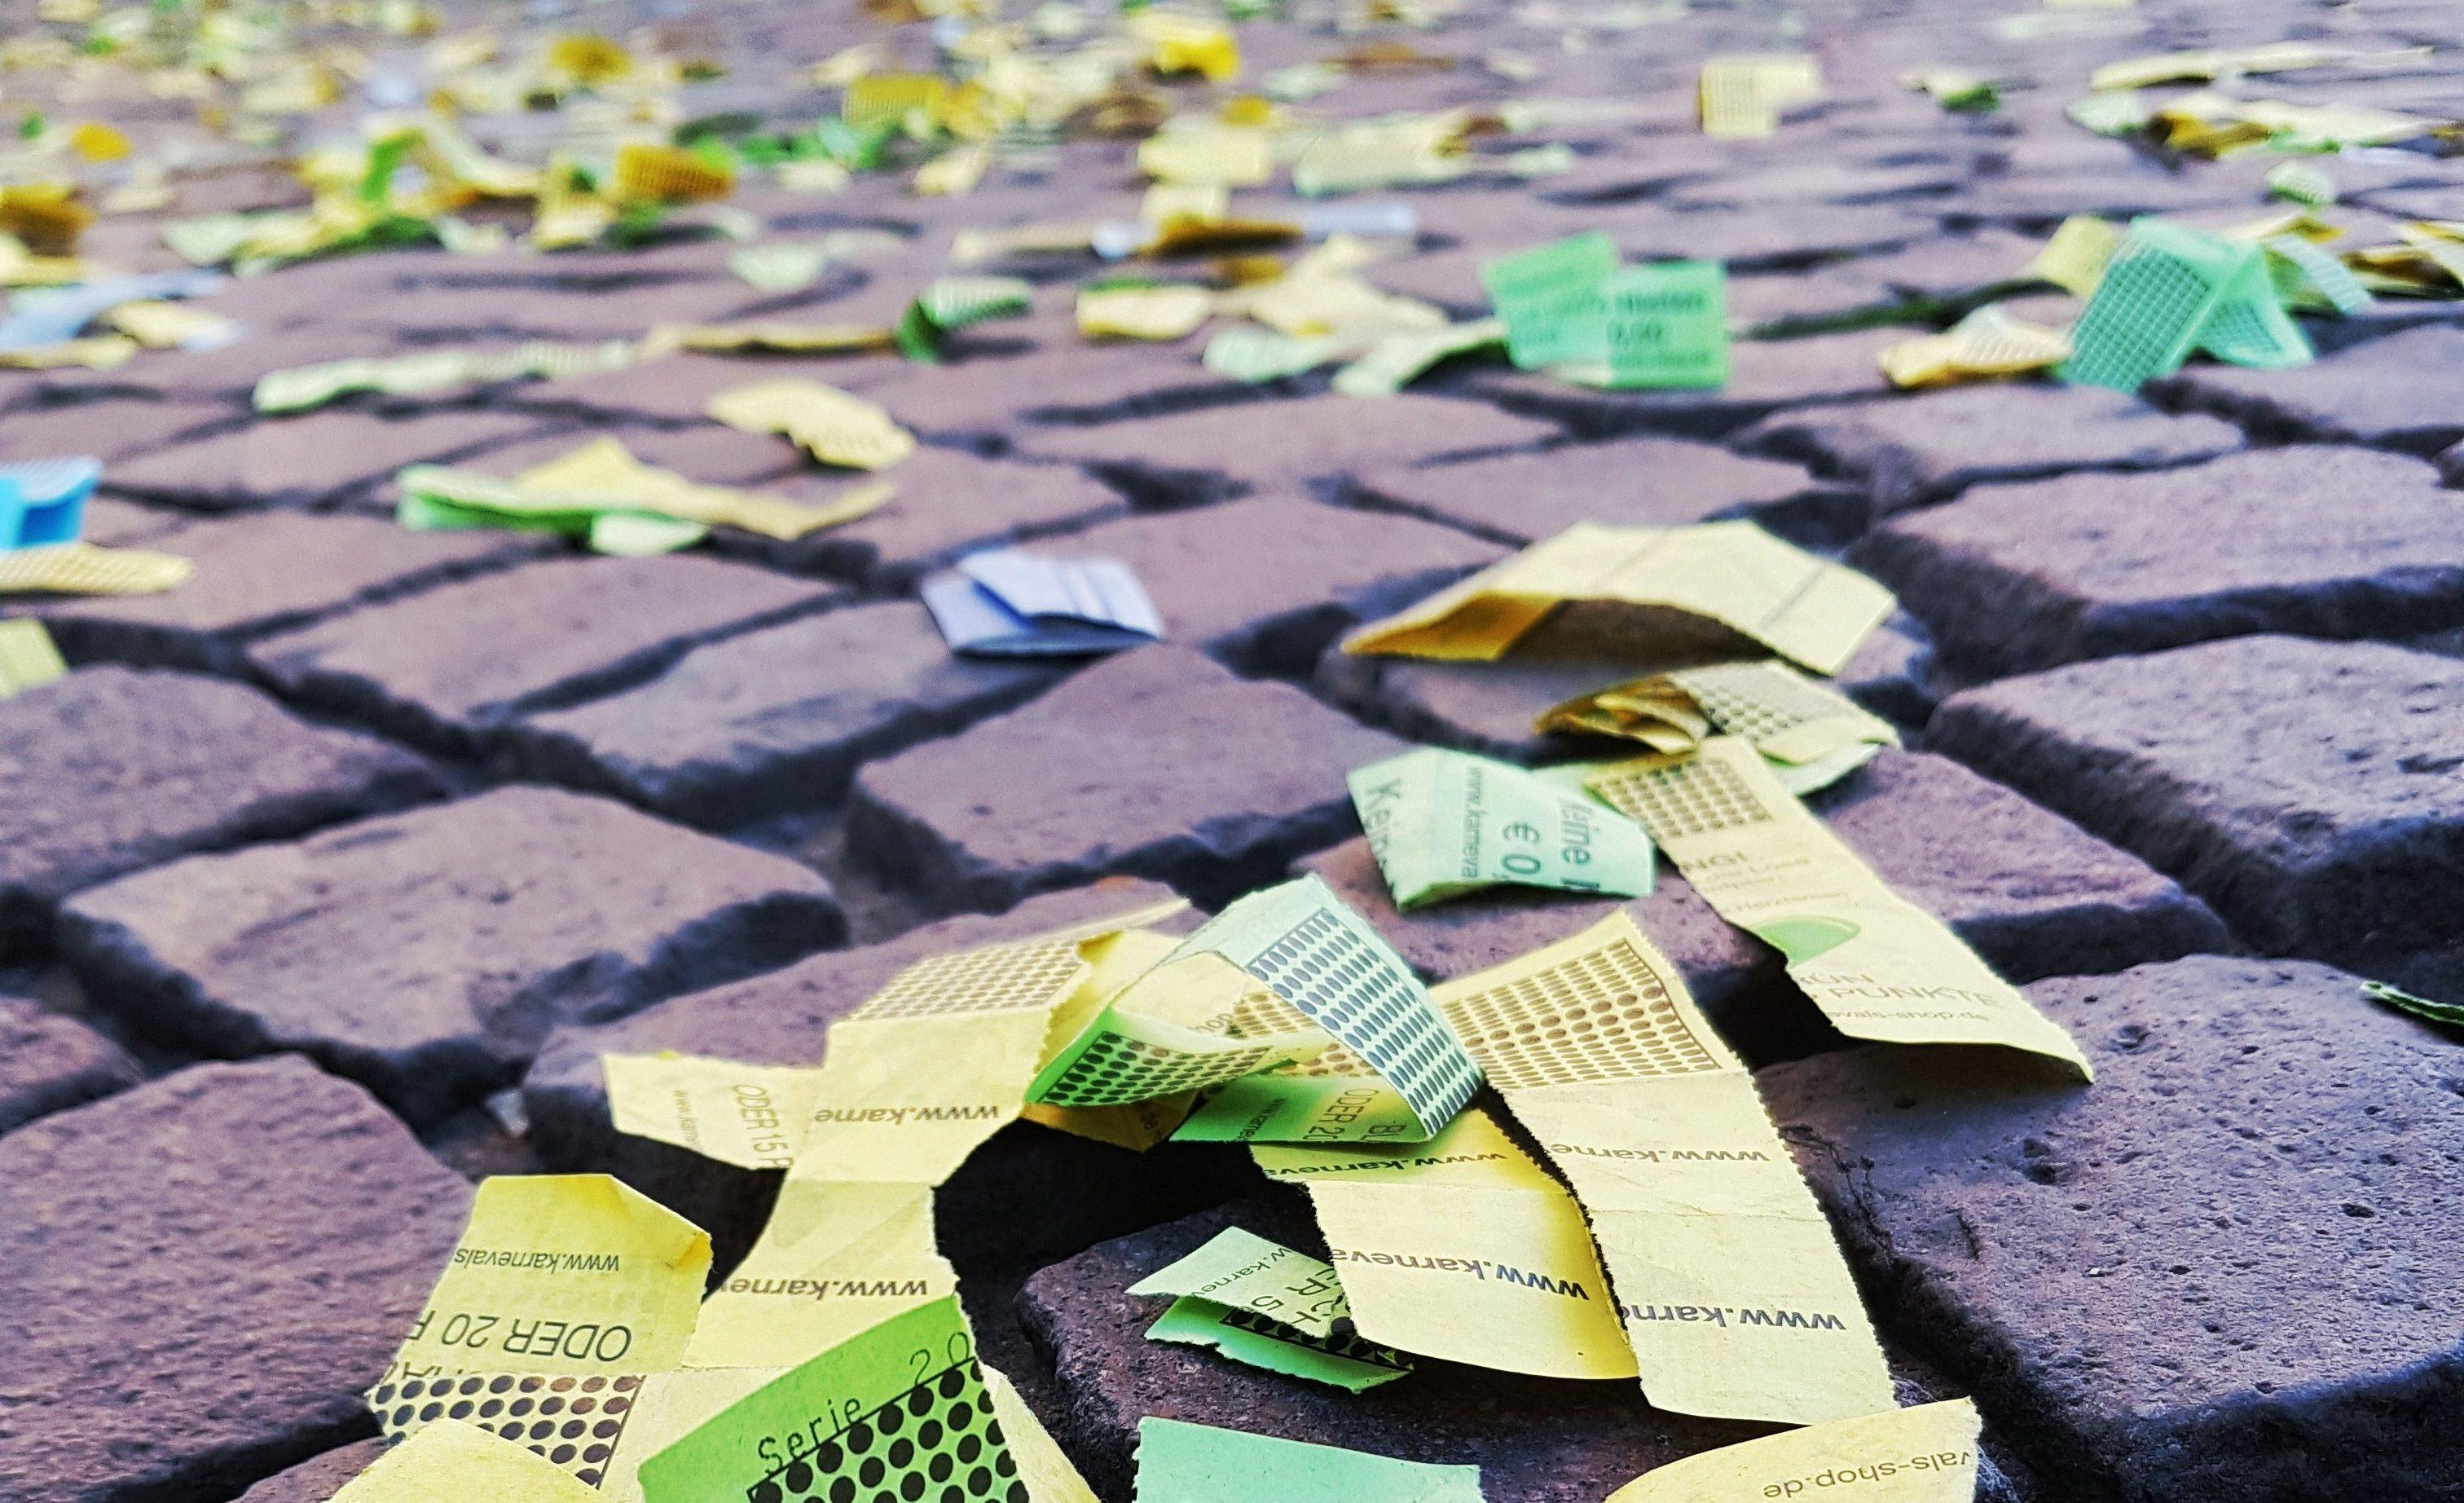 Recyclingpapier schützt die Umwelt